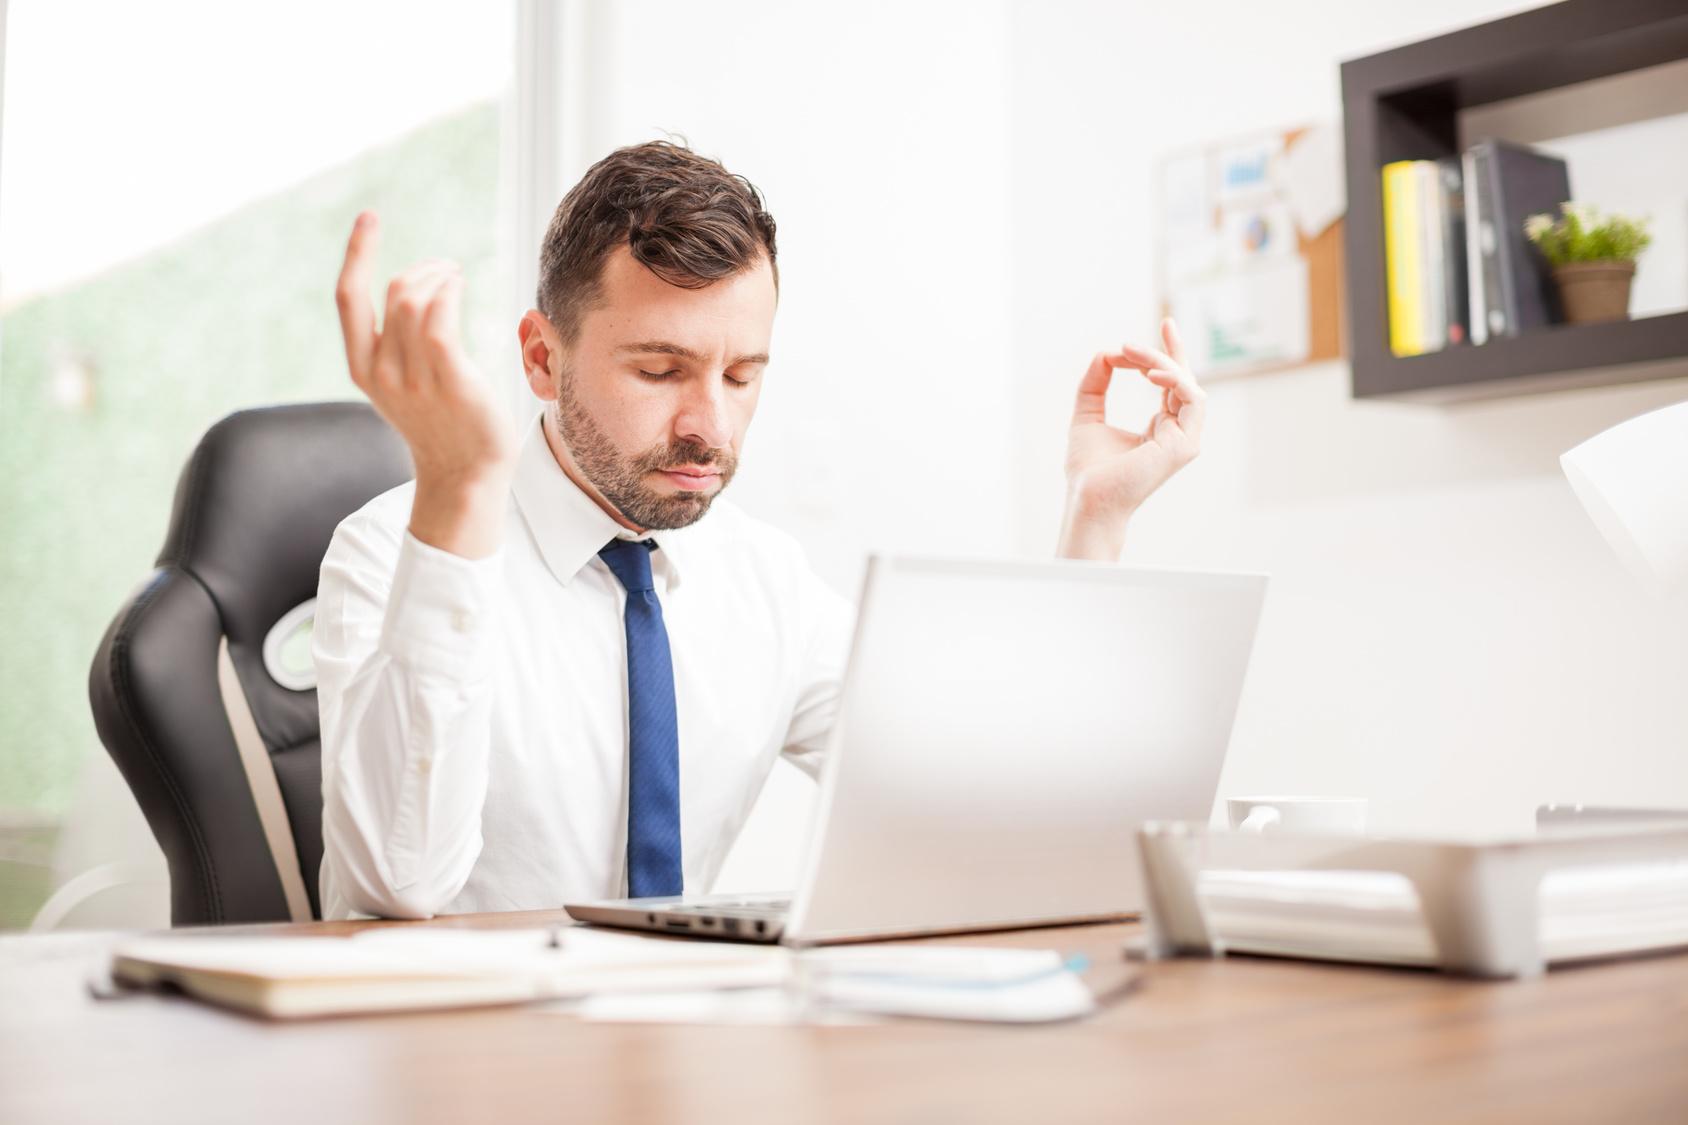 office meditation. Office Meditation. Businessman Meditating At His Desk Meditation